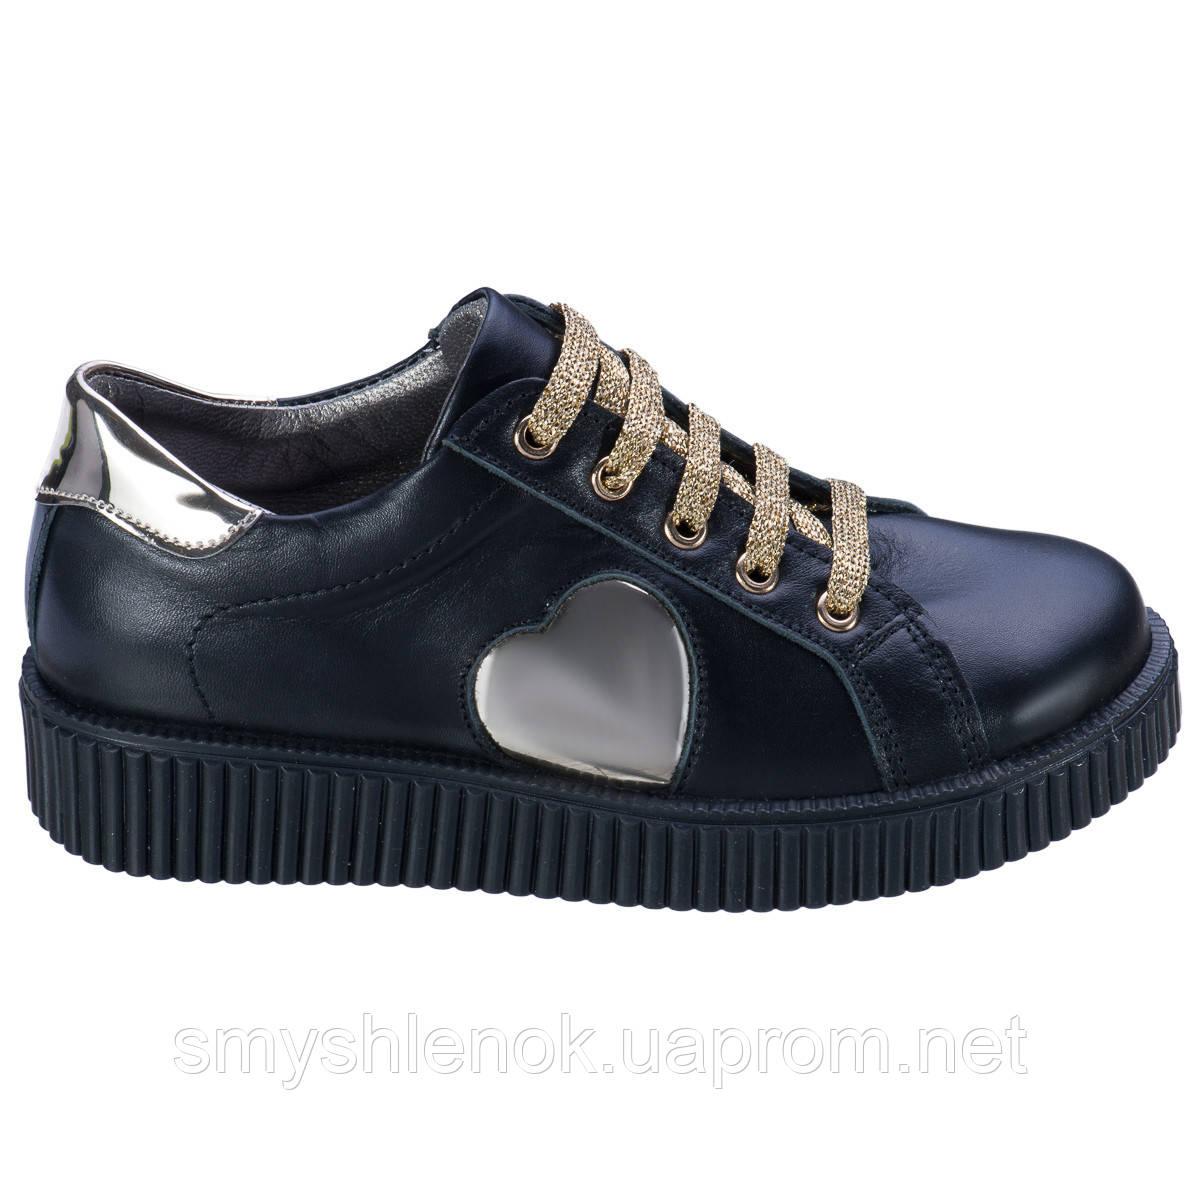 Туфли Theo Leo RN536 32 19.5 см Черные